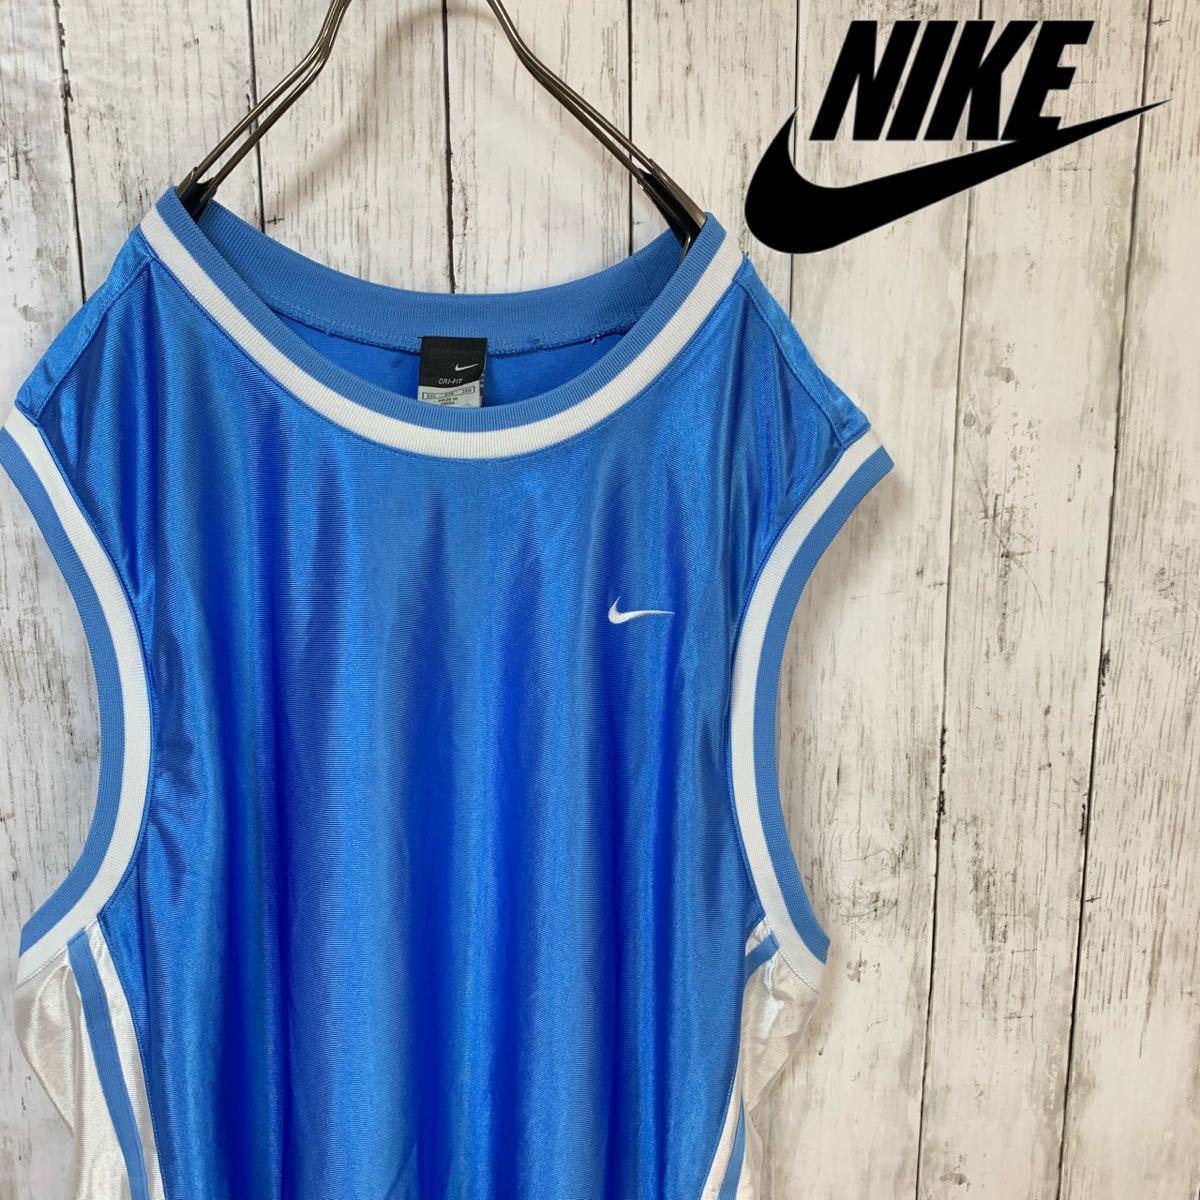 即決 NIKE ナイキ バスケ ゲームシャツ タンクトップ XXLサイズ メンズ 中古品